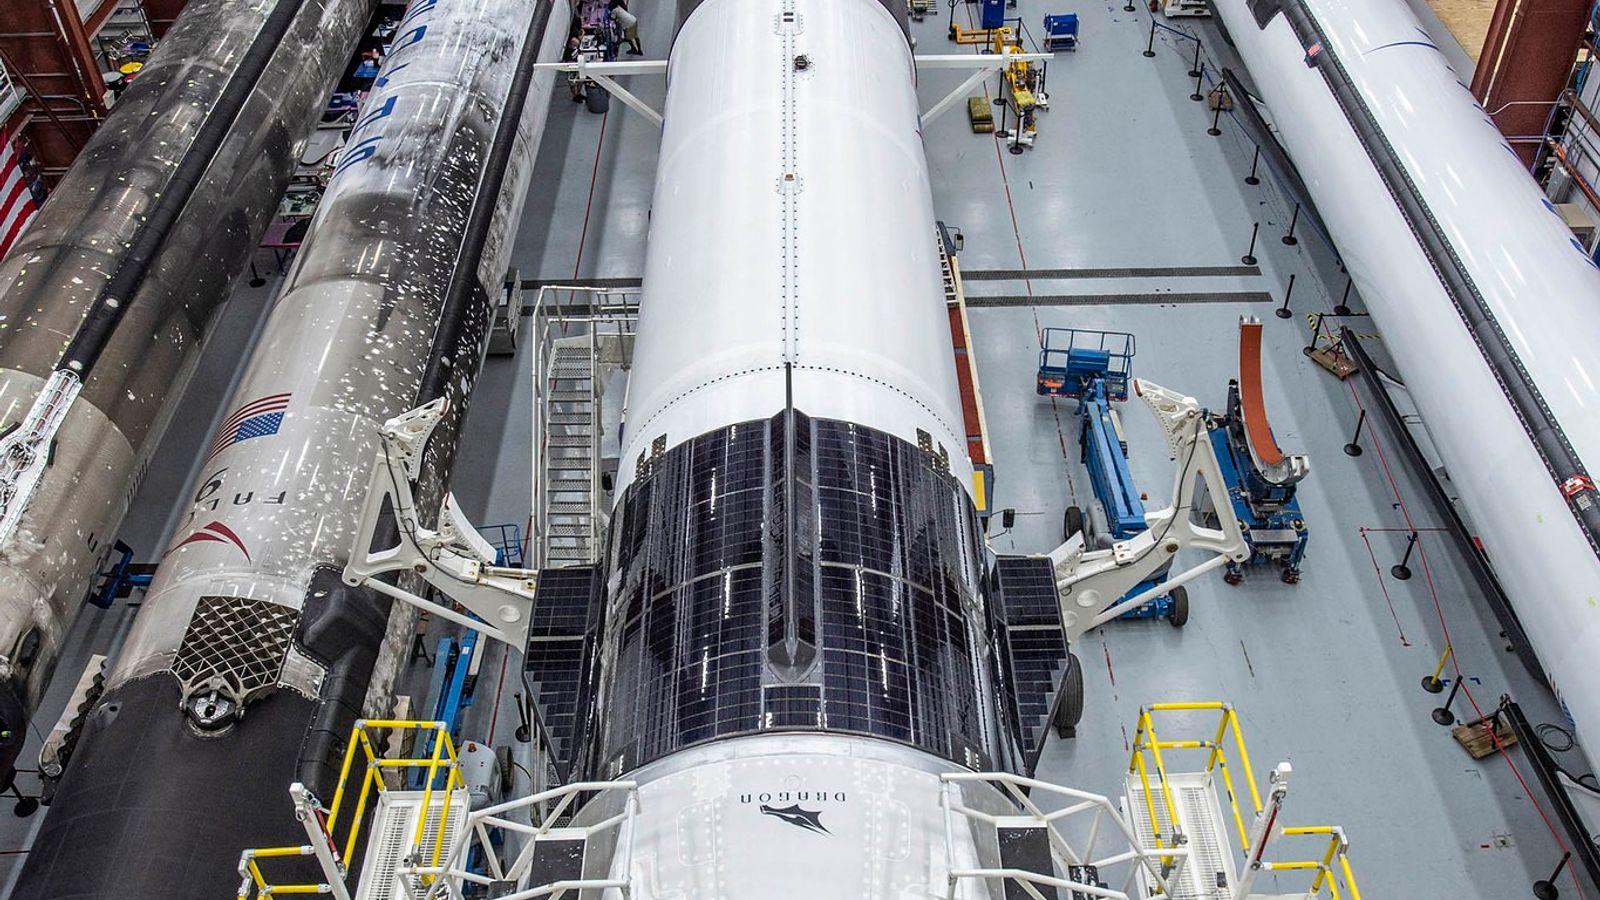 La nave espacial SpaceX Crew Dragon y el cohete Falcon 9 se sientan en el hangar ...